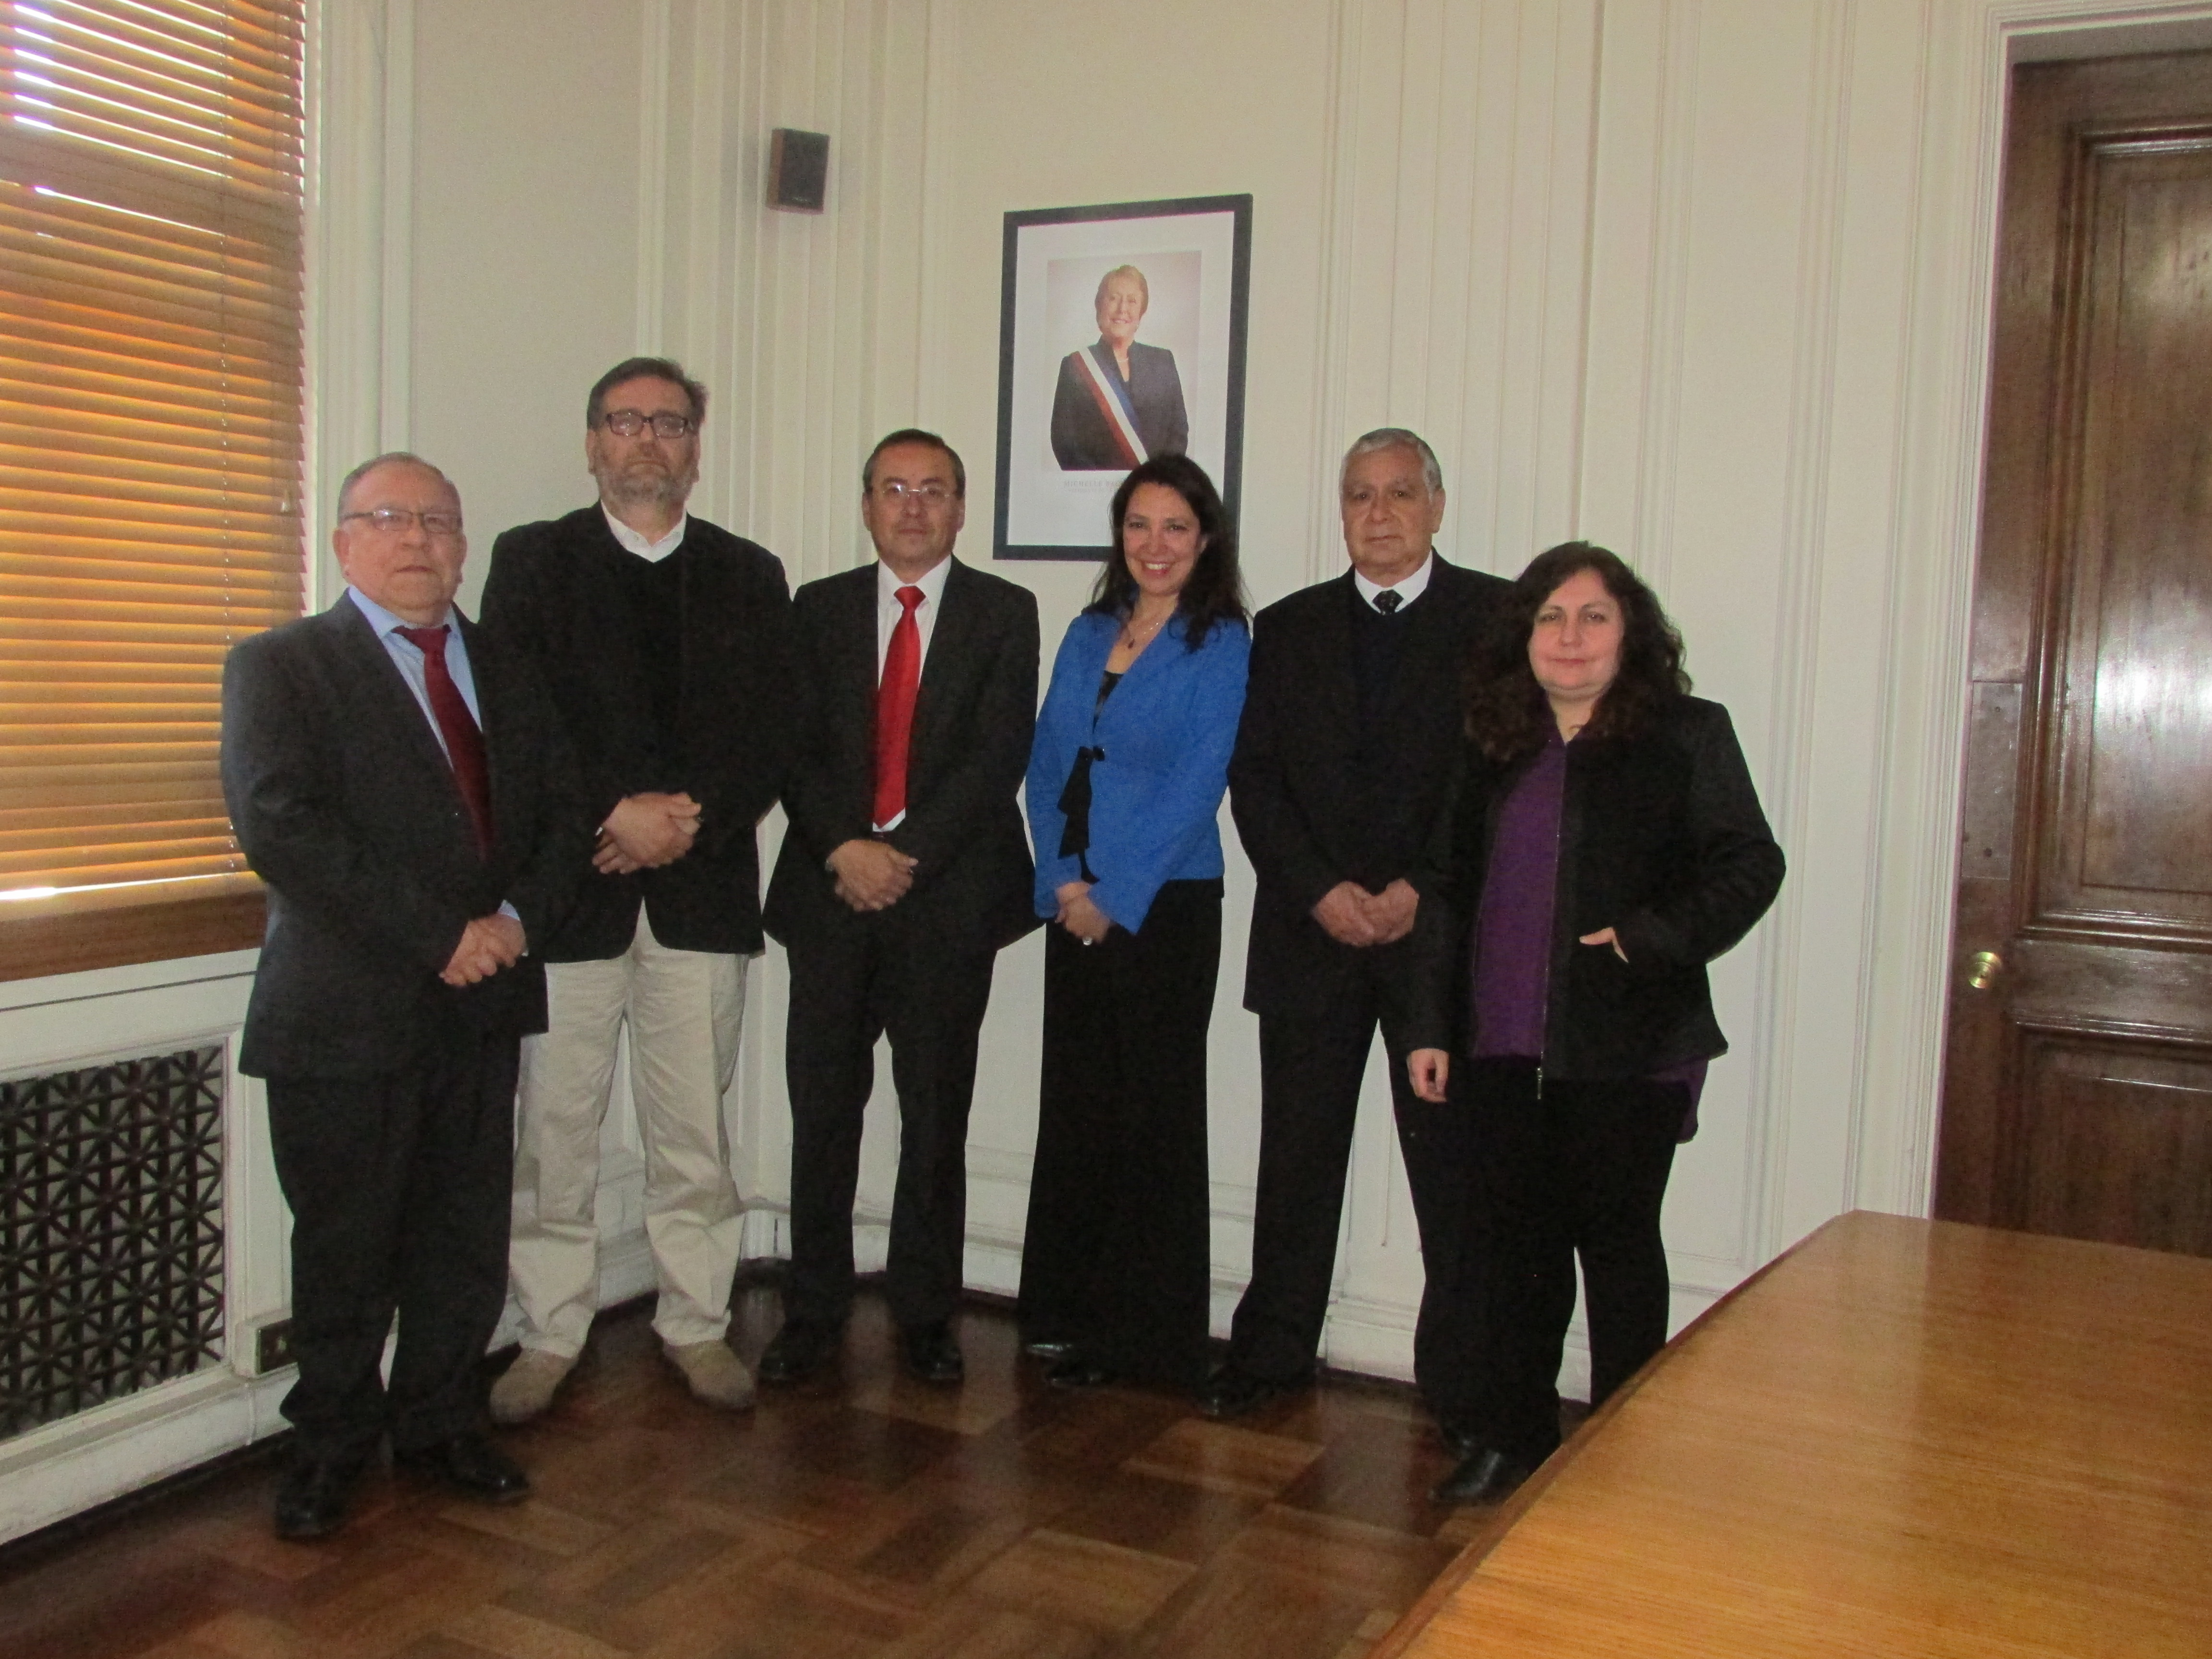 Subsecretaria de Hacienda realiza jornada de reuniones con gremios de Hacienda – 22 Septiembre 2017